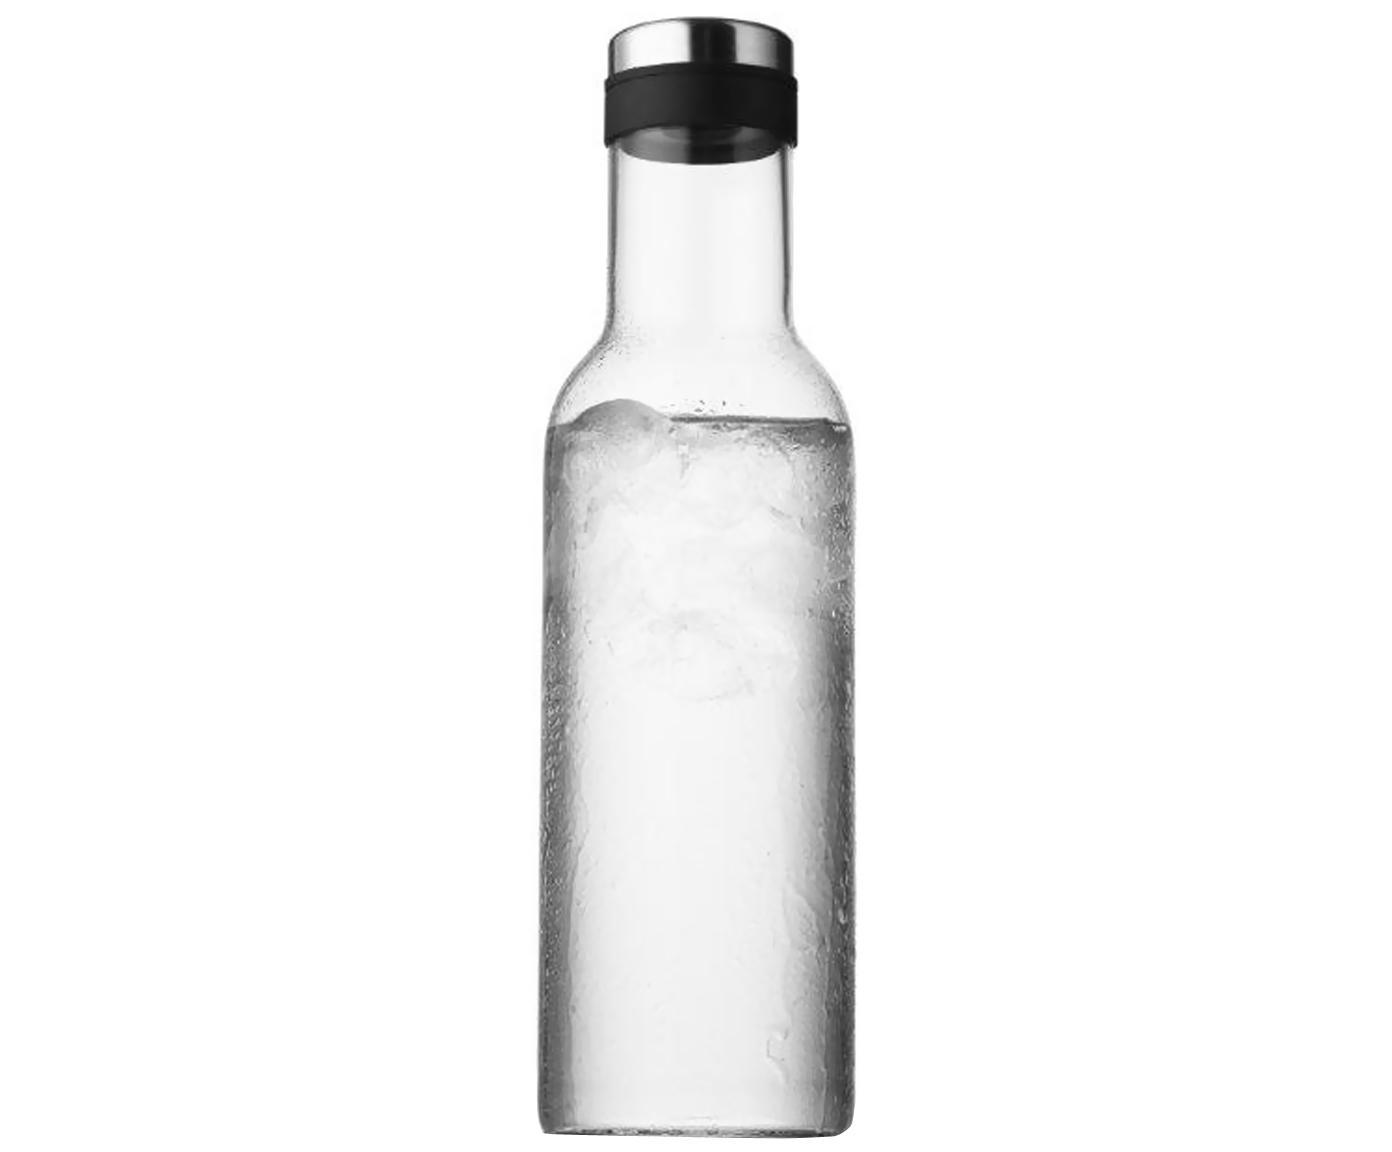 Botella Norm, Vidrio soplado artesanalmente, silicona, Transparente, 1 L